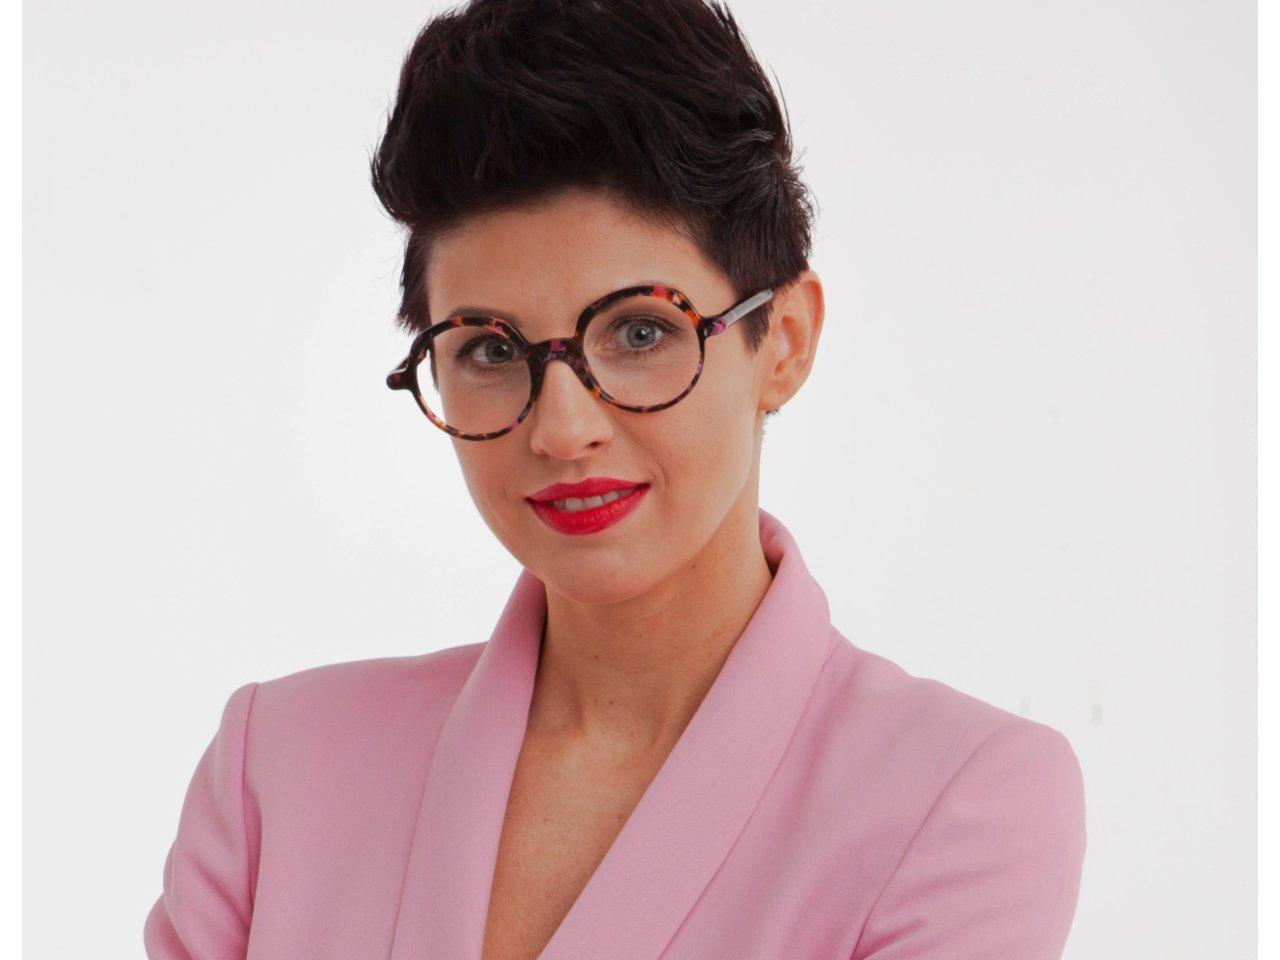 Jak prawidłowo dobrać oprawy okularowe do szkieł progresywnych?